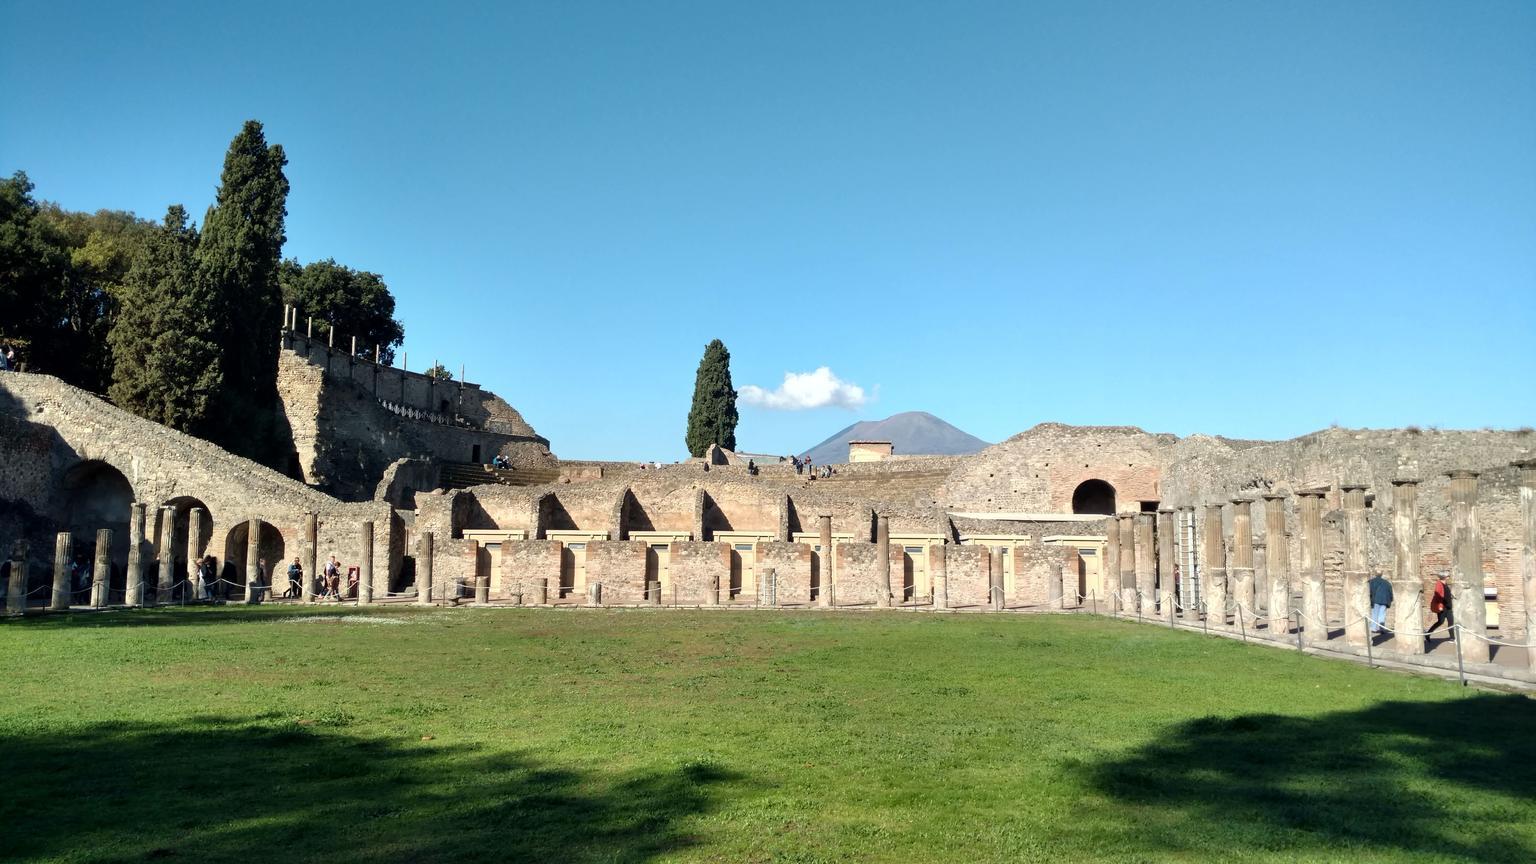 MAIS FOTOS, Excursão pelo litoral de Nápoles ao Monte Vesúvio e viagem diurna a Pompeia, saindo de Nápoles, com tudo incluso